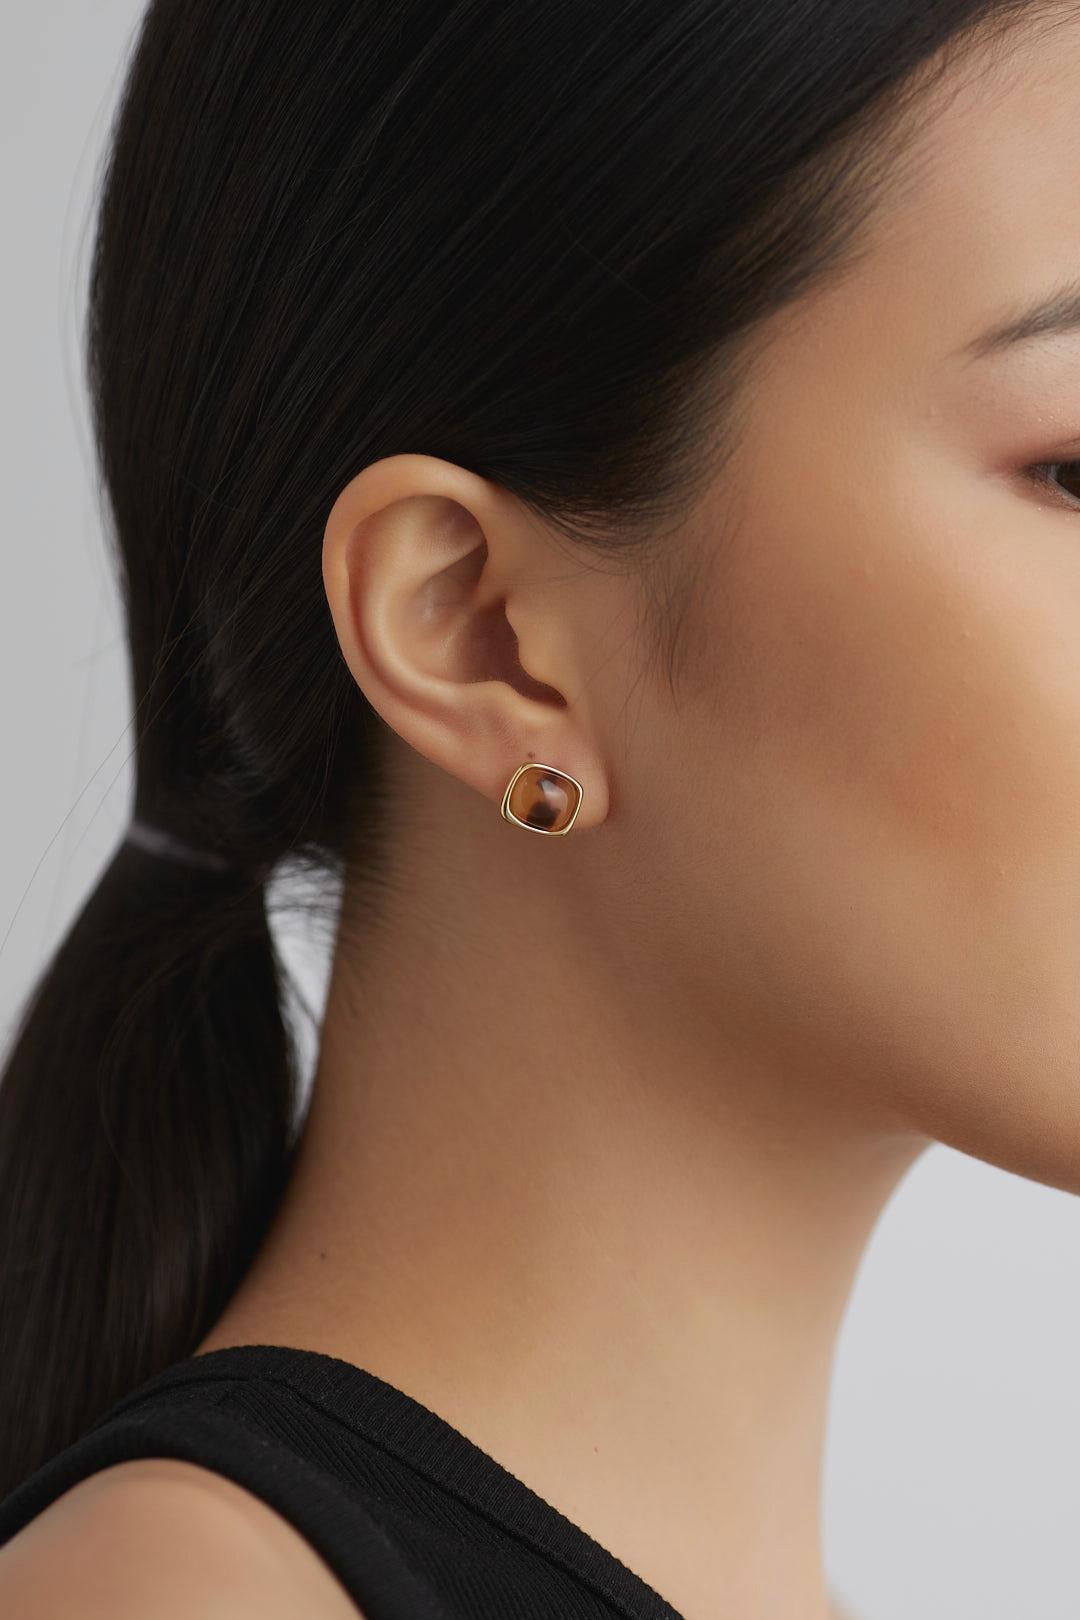 Zaylee Ear Studs